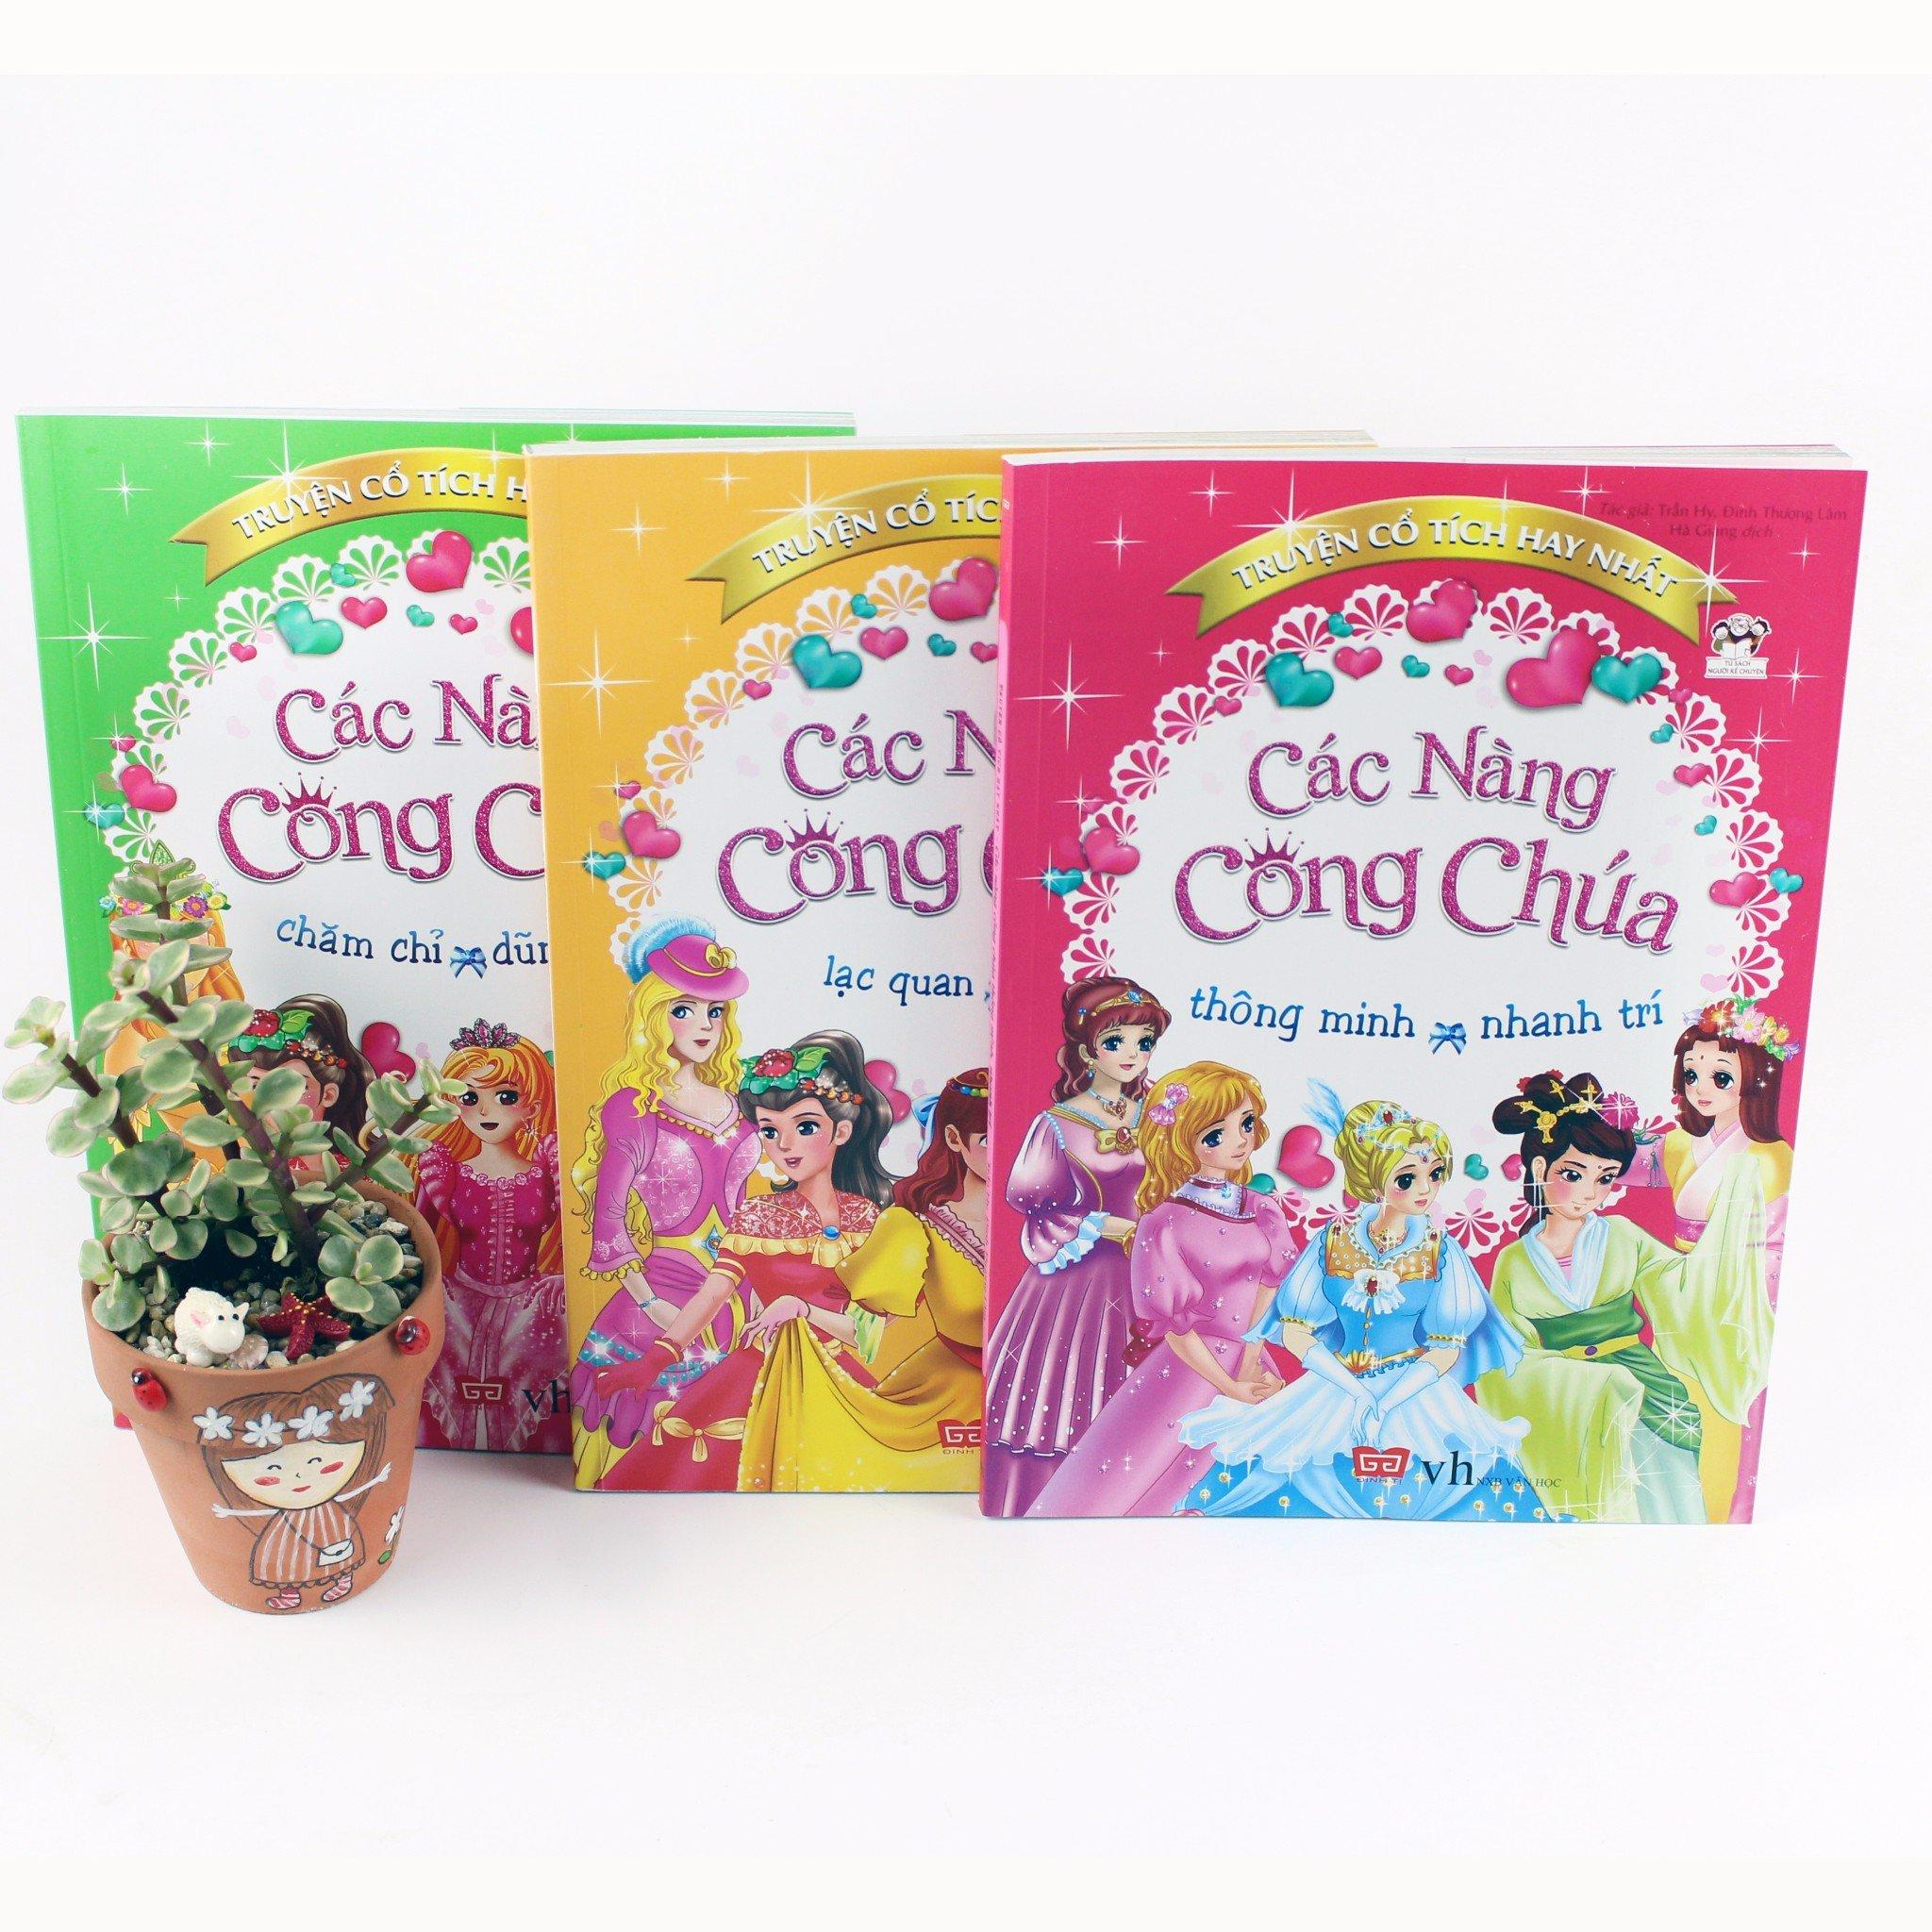 Combo Truyện cổ tích hay nhất gồm 3 cuốn: Các nàng công chúa thông minh, nhanh trí - Chăm chỉ, dũng cảm - Lạc quan, tự tin